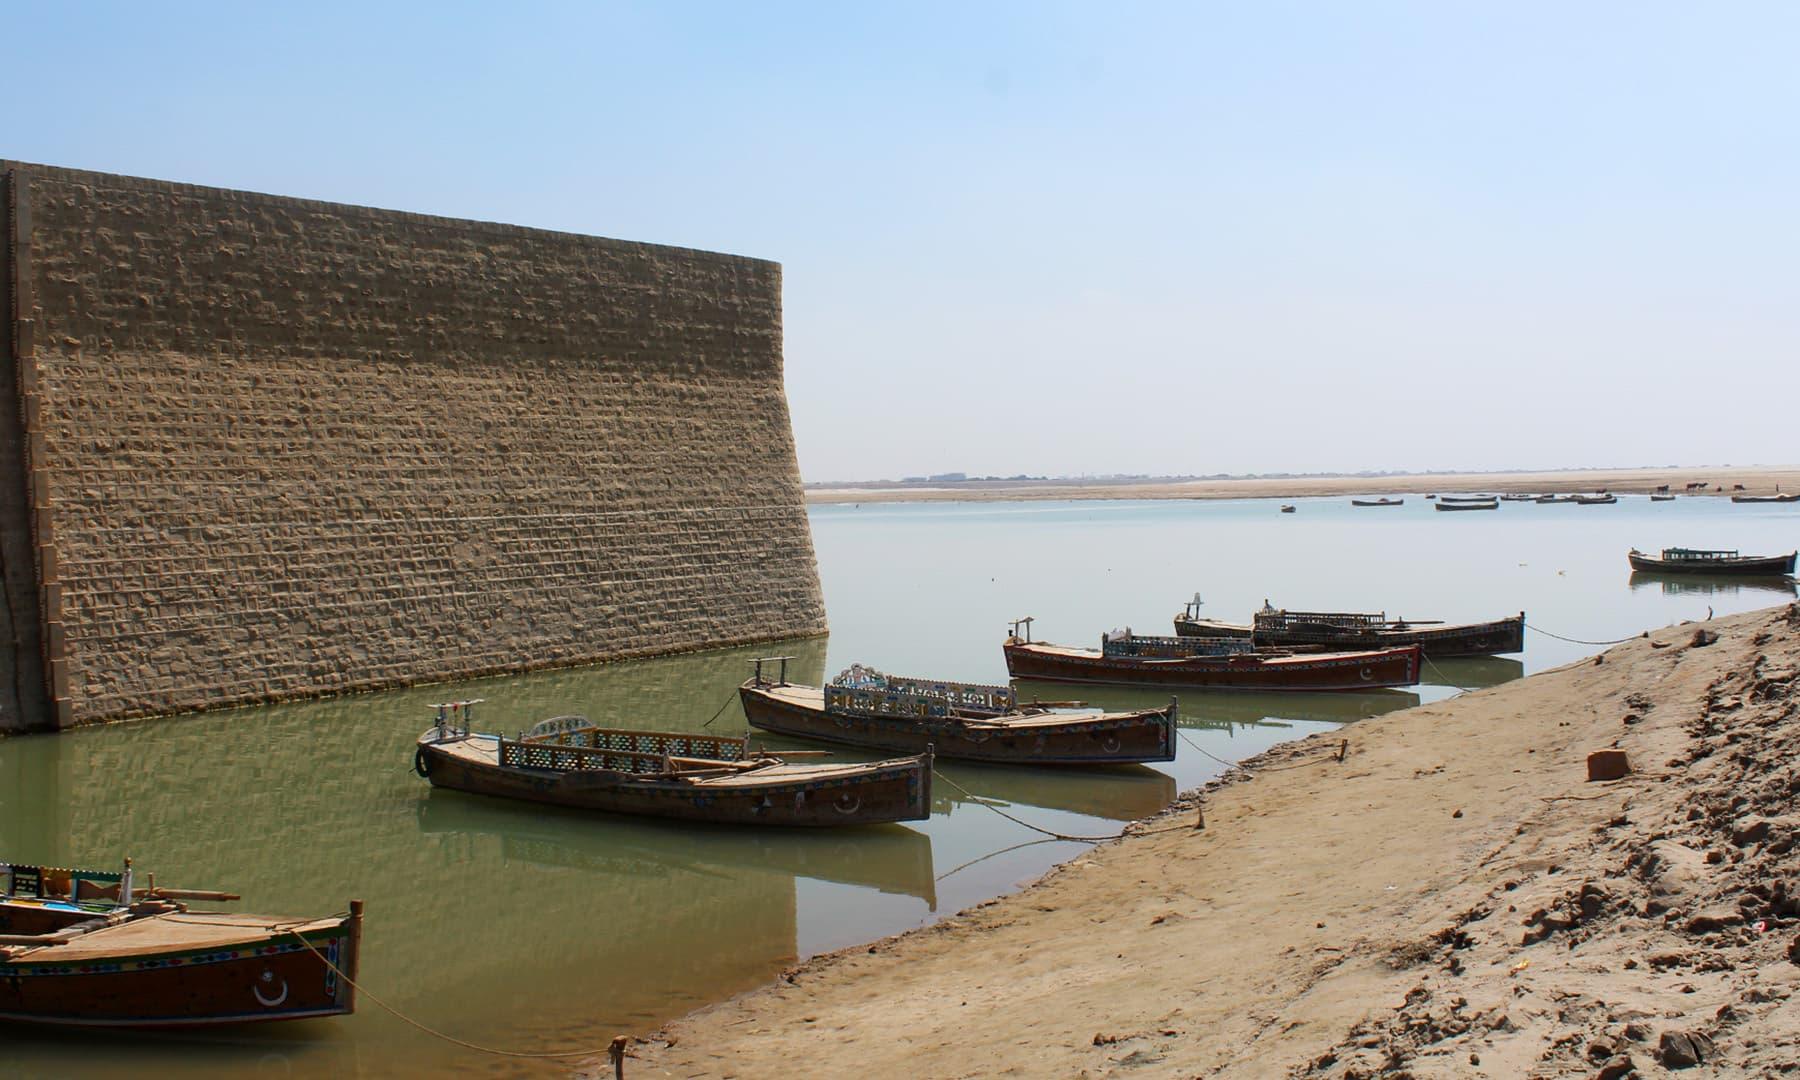 دریائے سندھ کبھی قابلِ جہاز رانی تھا، اب کشتیاں بھی بمشکل چل پاتی ہیں۔— فوٹو اختر حفیظ